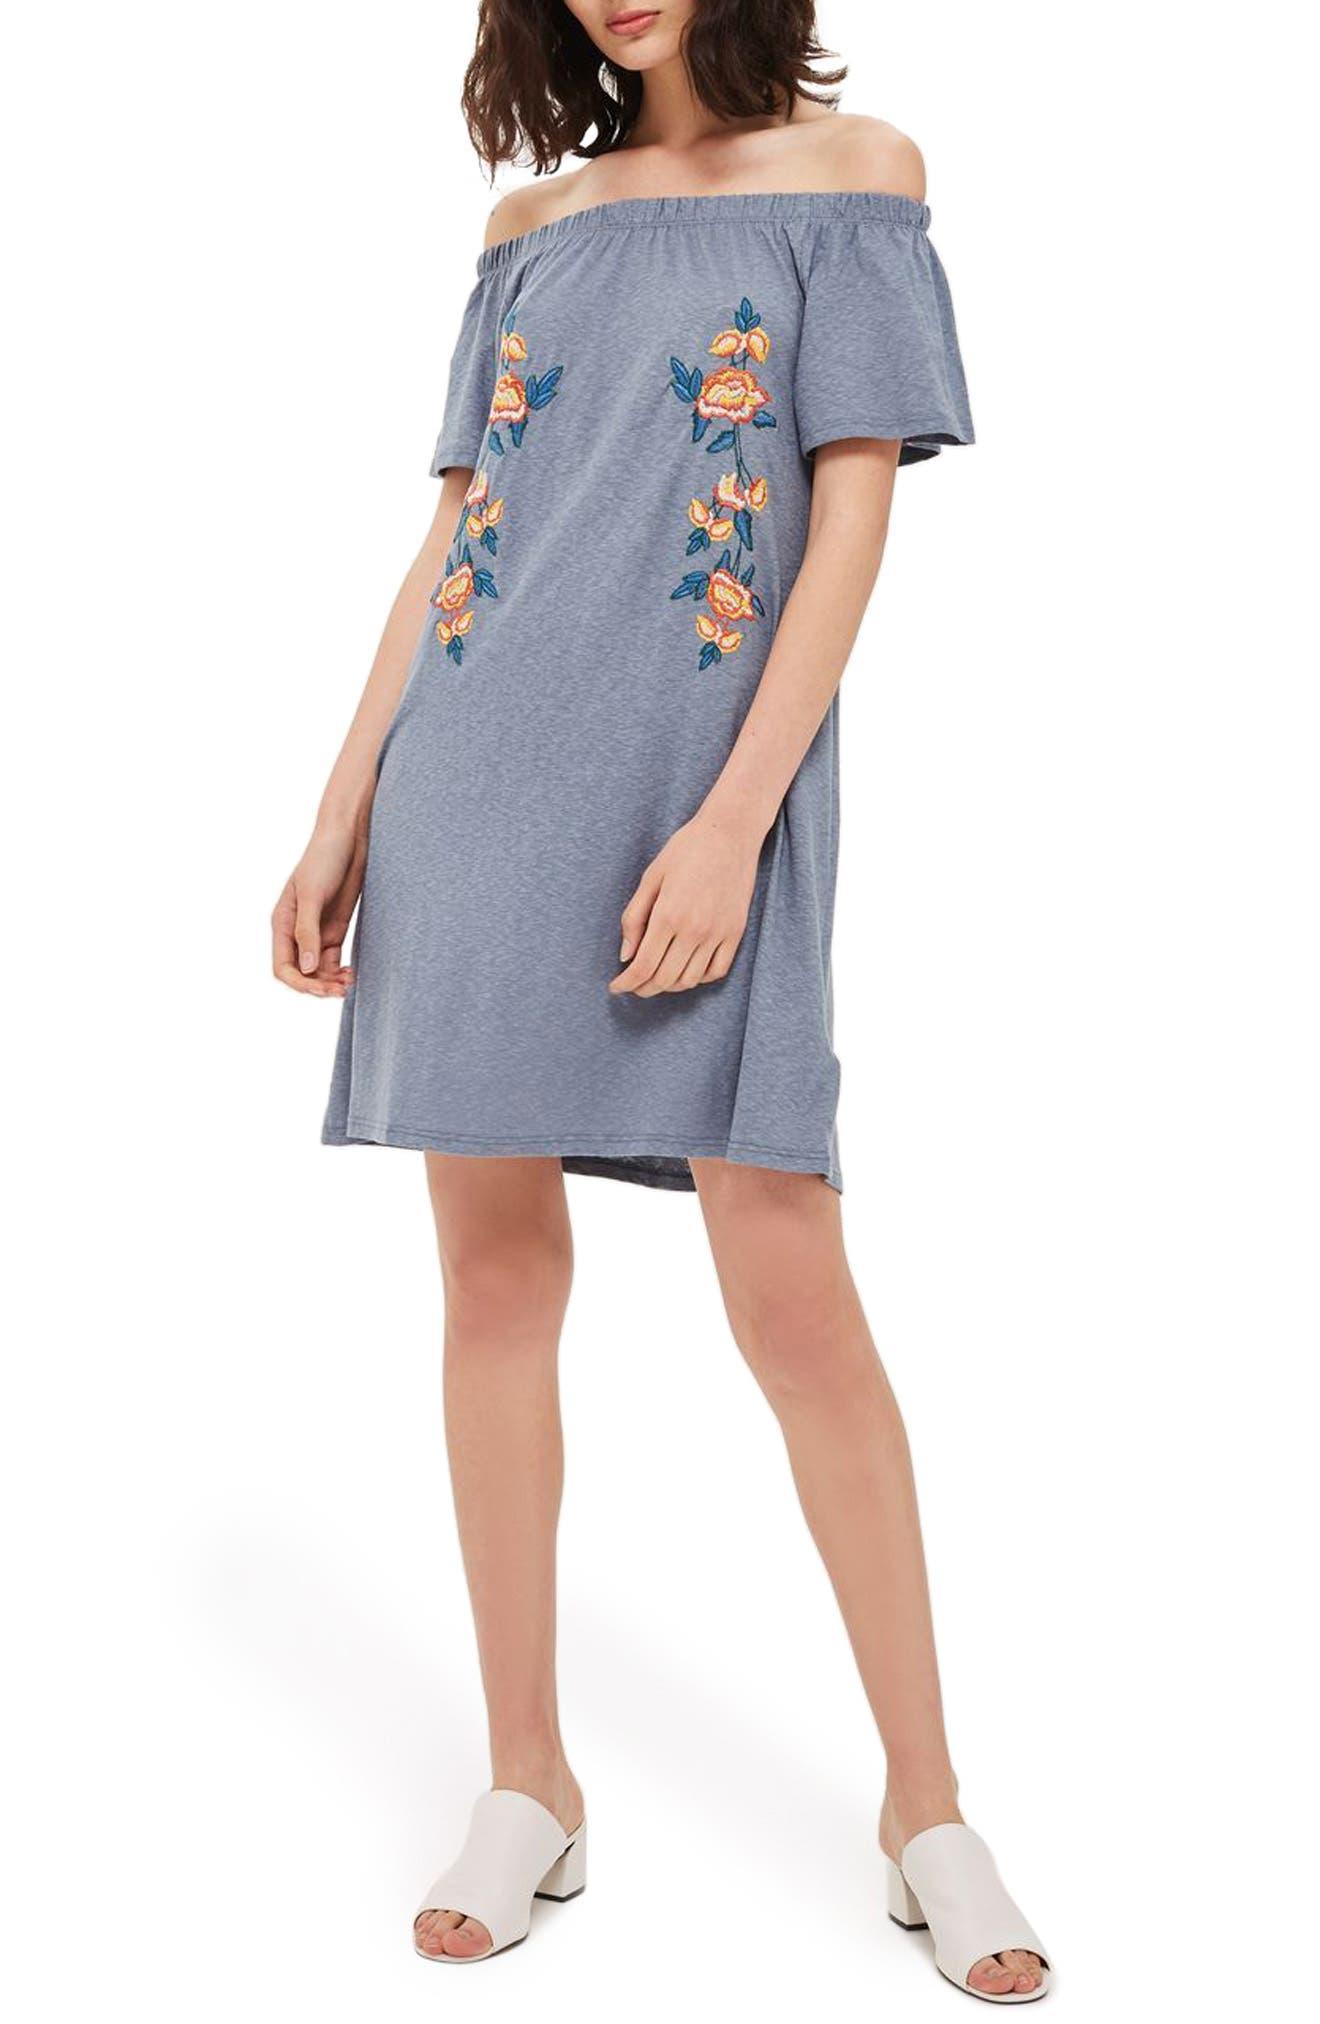 TOPSHOP Embroidered Off the Shoulder Dress